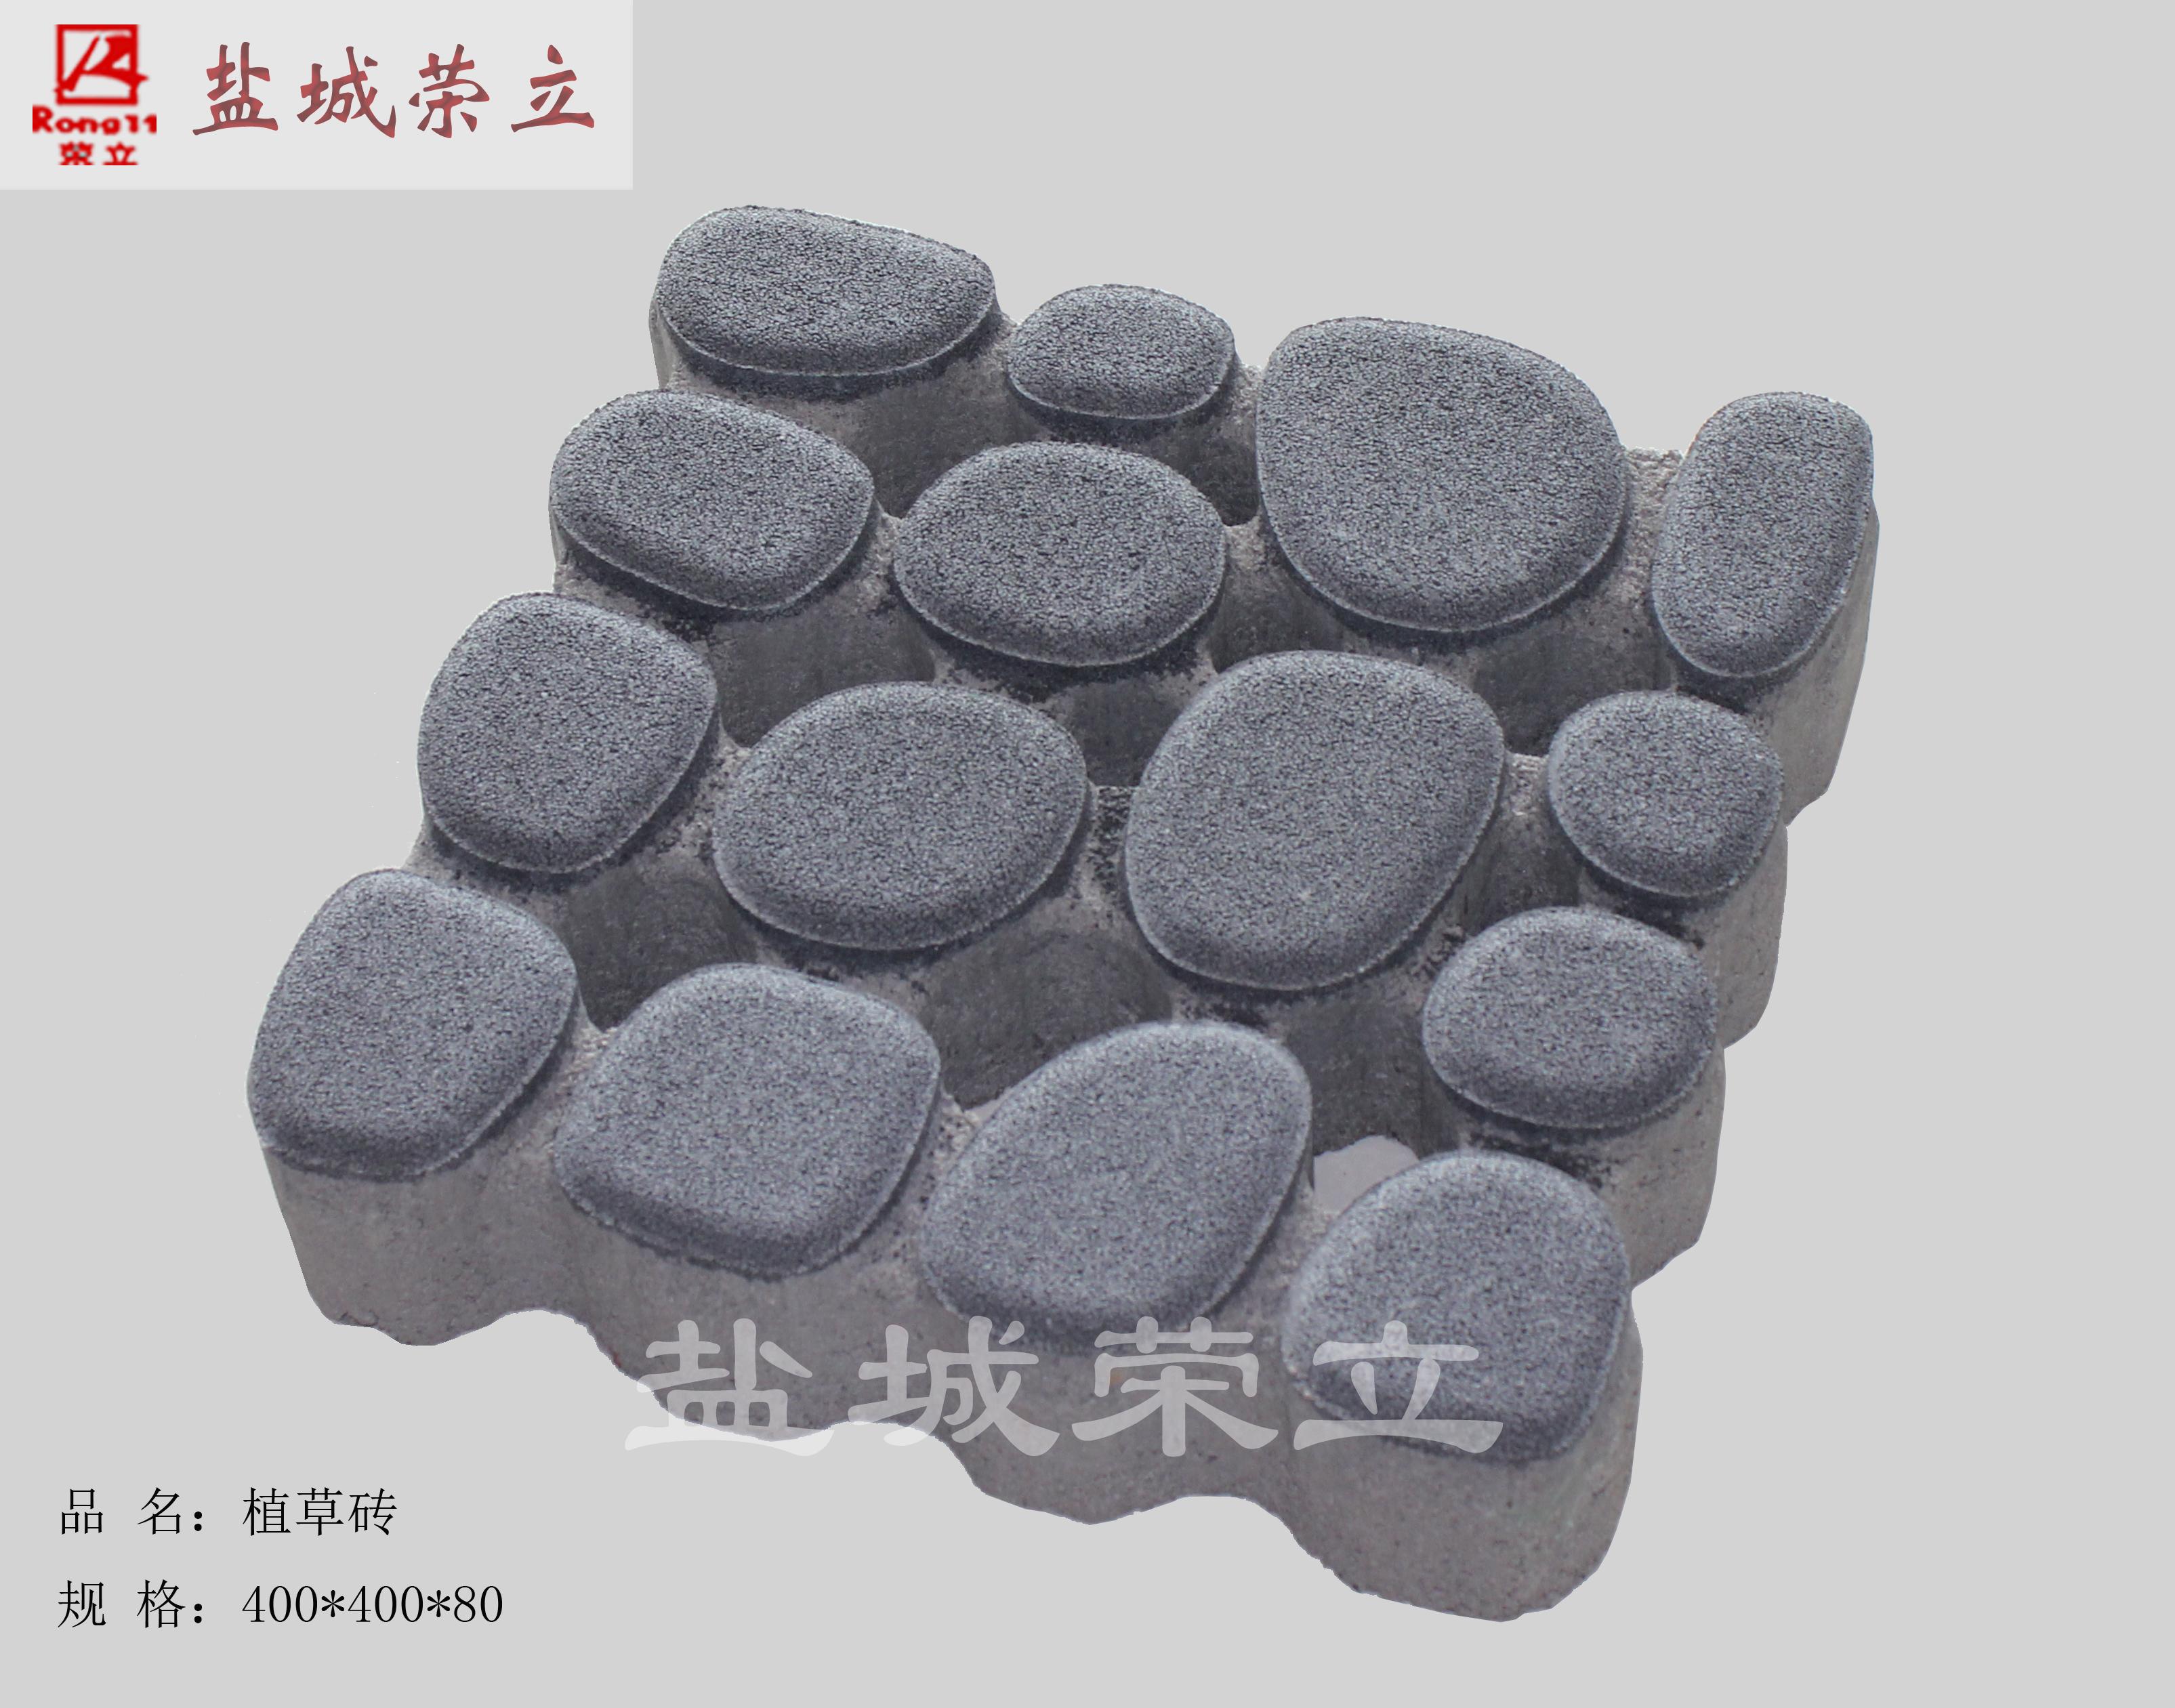 太阳成集团tyc151com新型植草砖